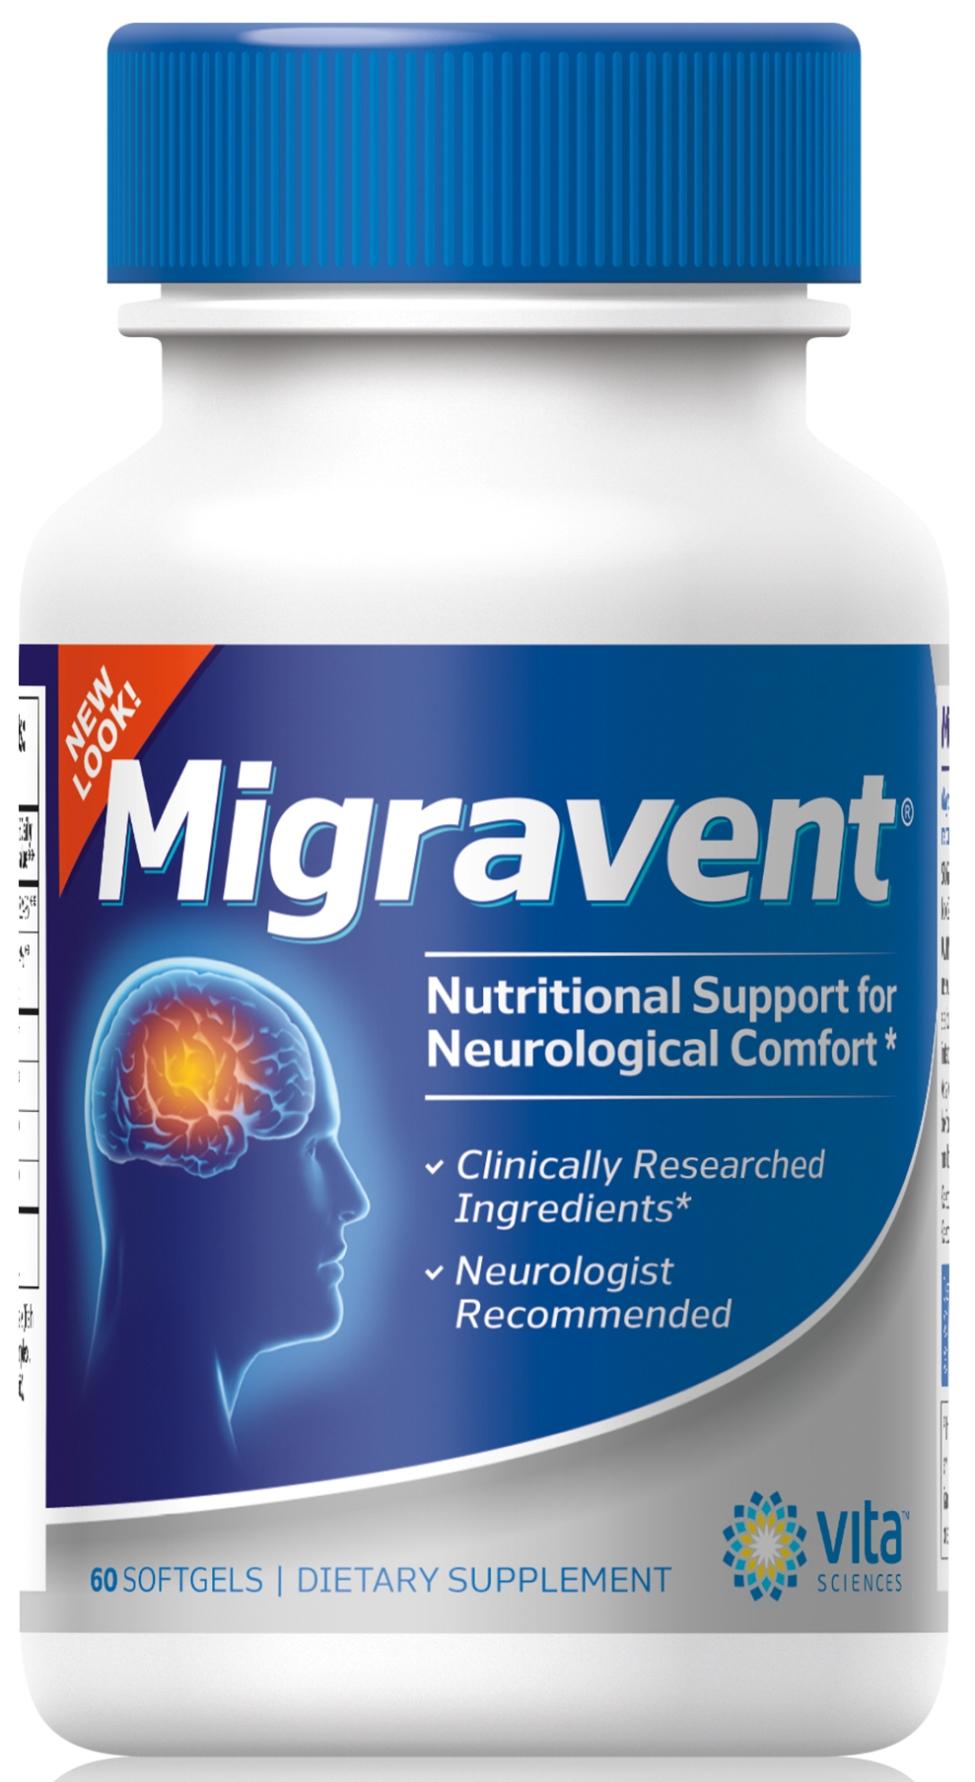 Migravent Bottle